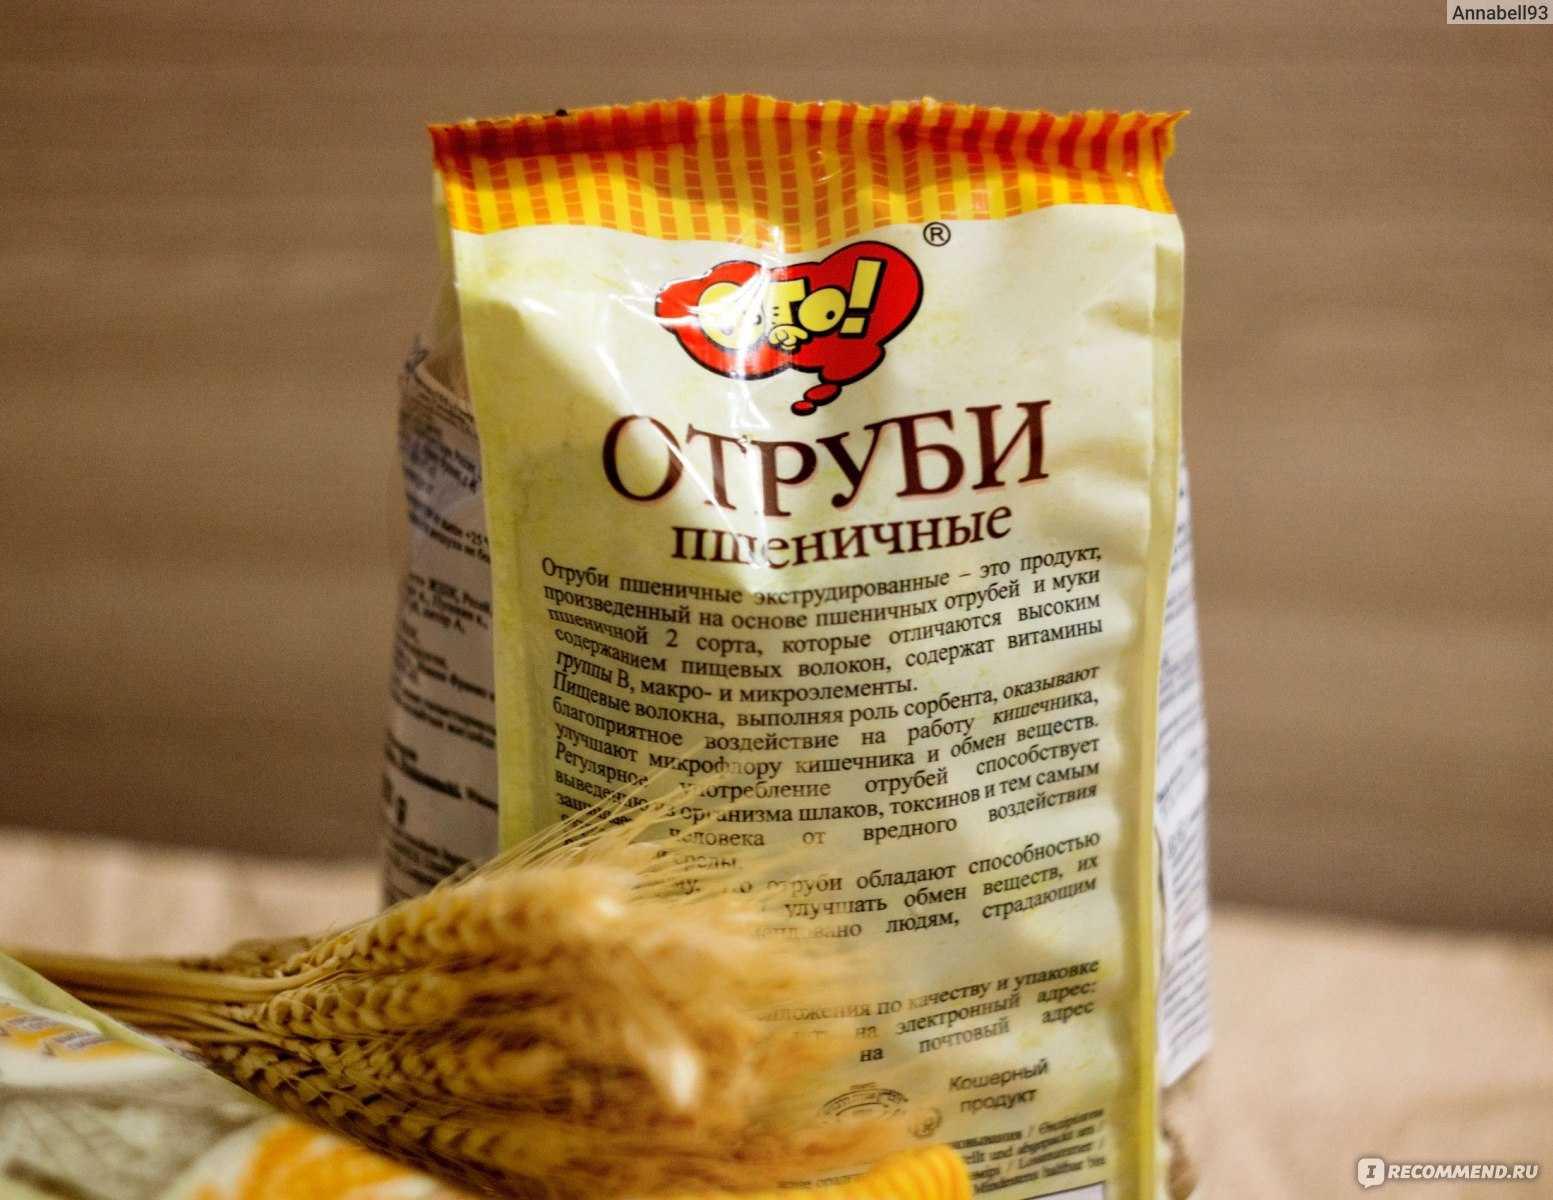 Пшеничные отруби: польза, в чем вред, как употреблять, для похудения и очищения, рецепты для лица и тела